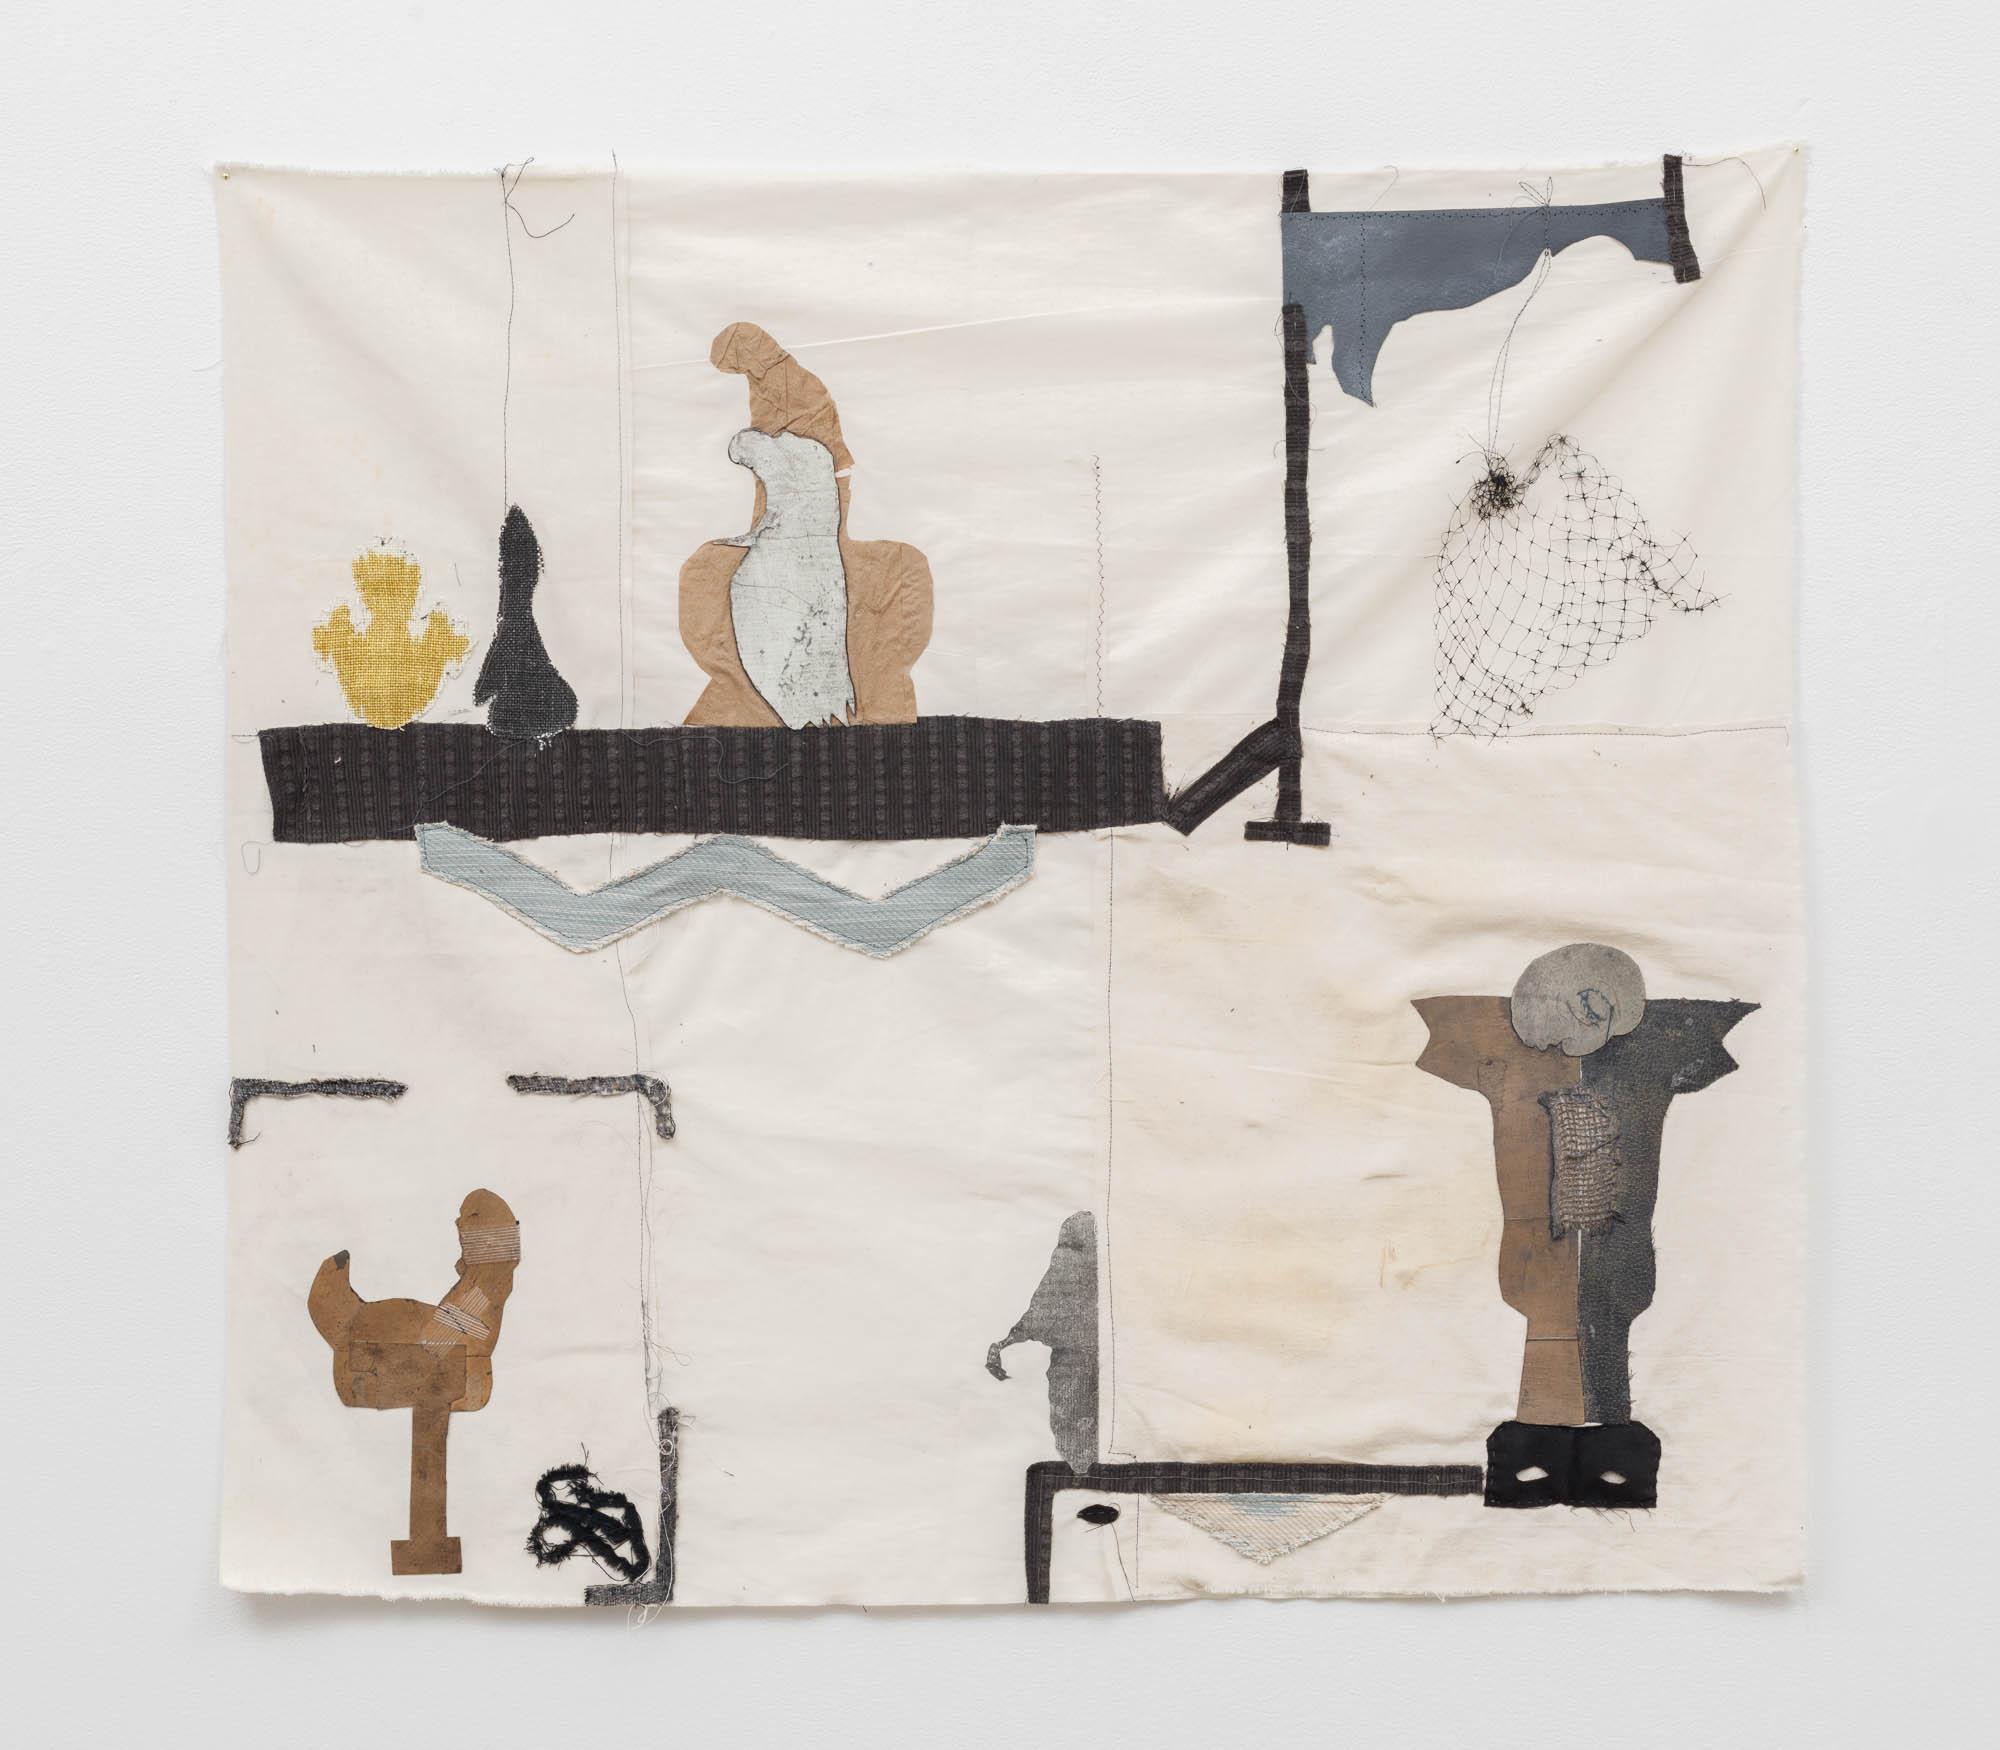 Fanny Allié, Hanging Net, 2018